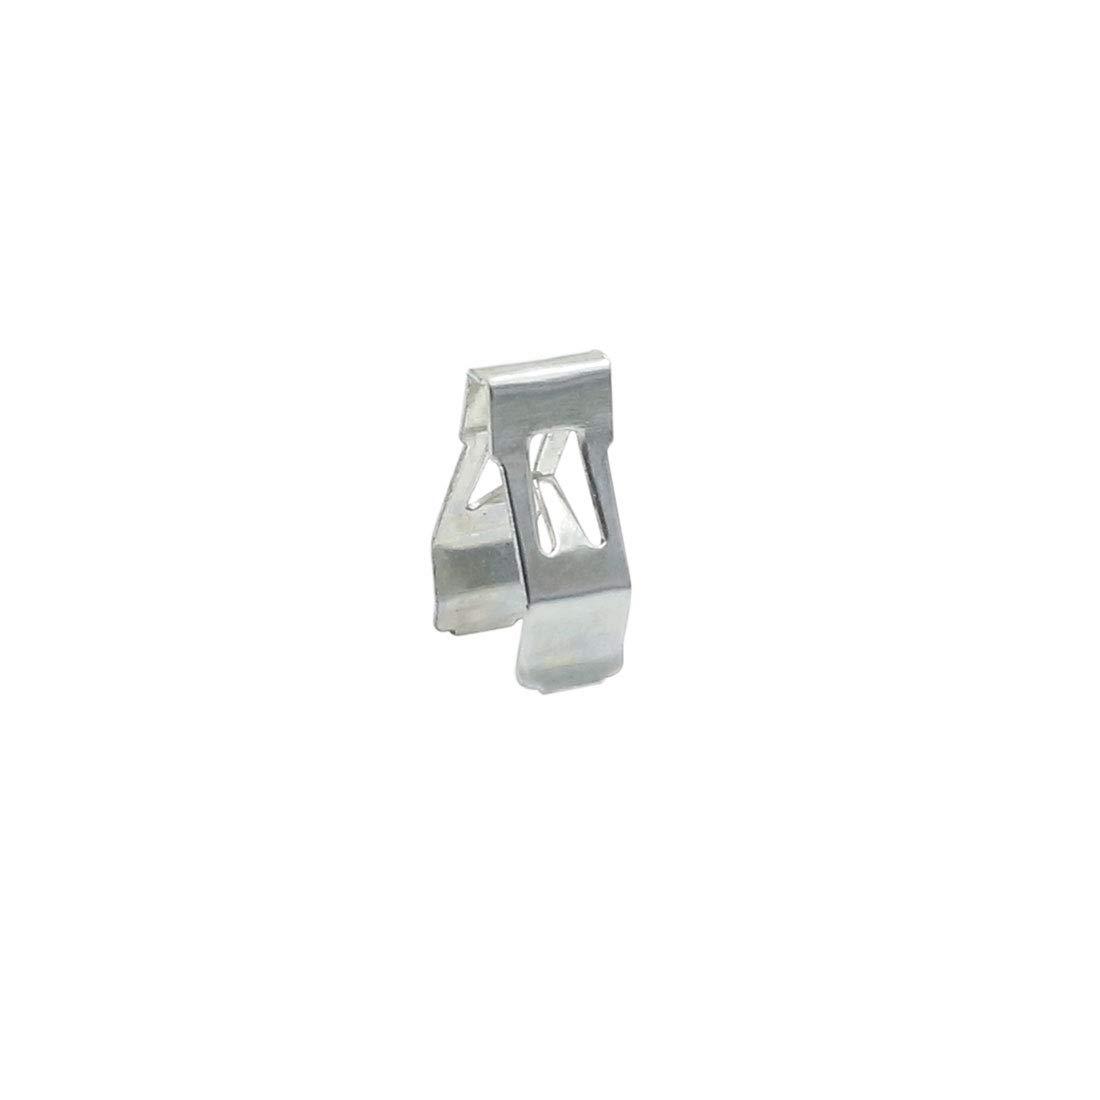 X AUTOHAUX Car Dashboard Retainer Console Panel Metal Clips 15.5 x 10mm 6pcs